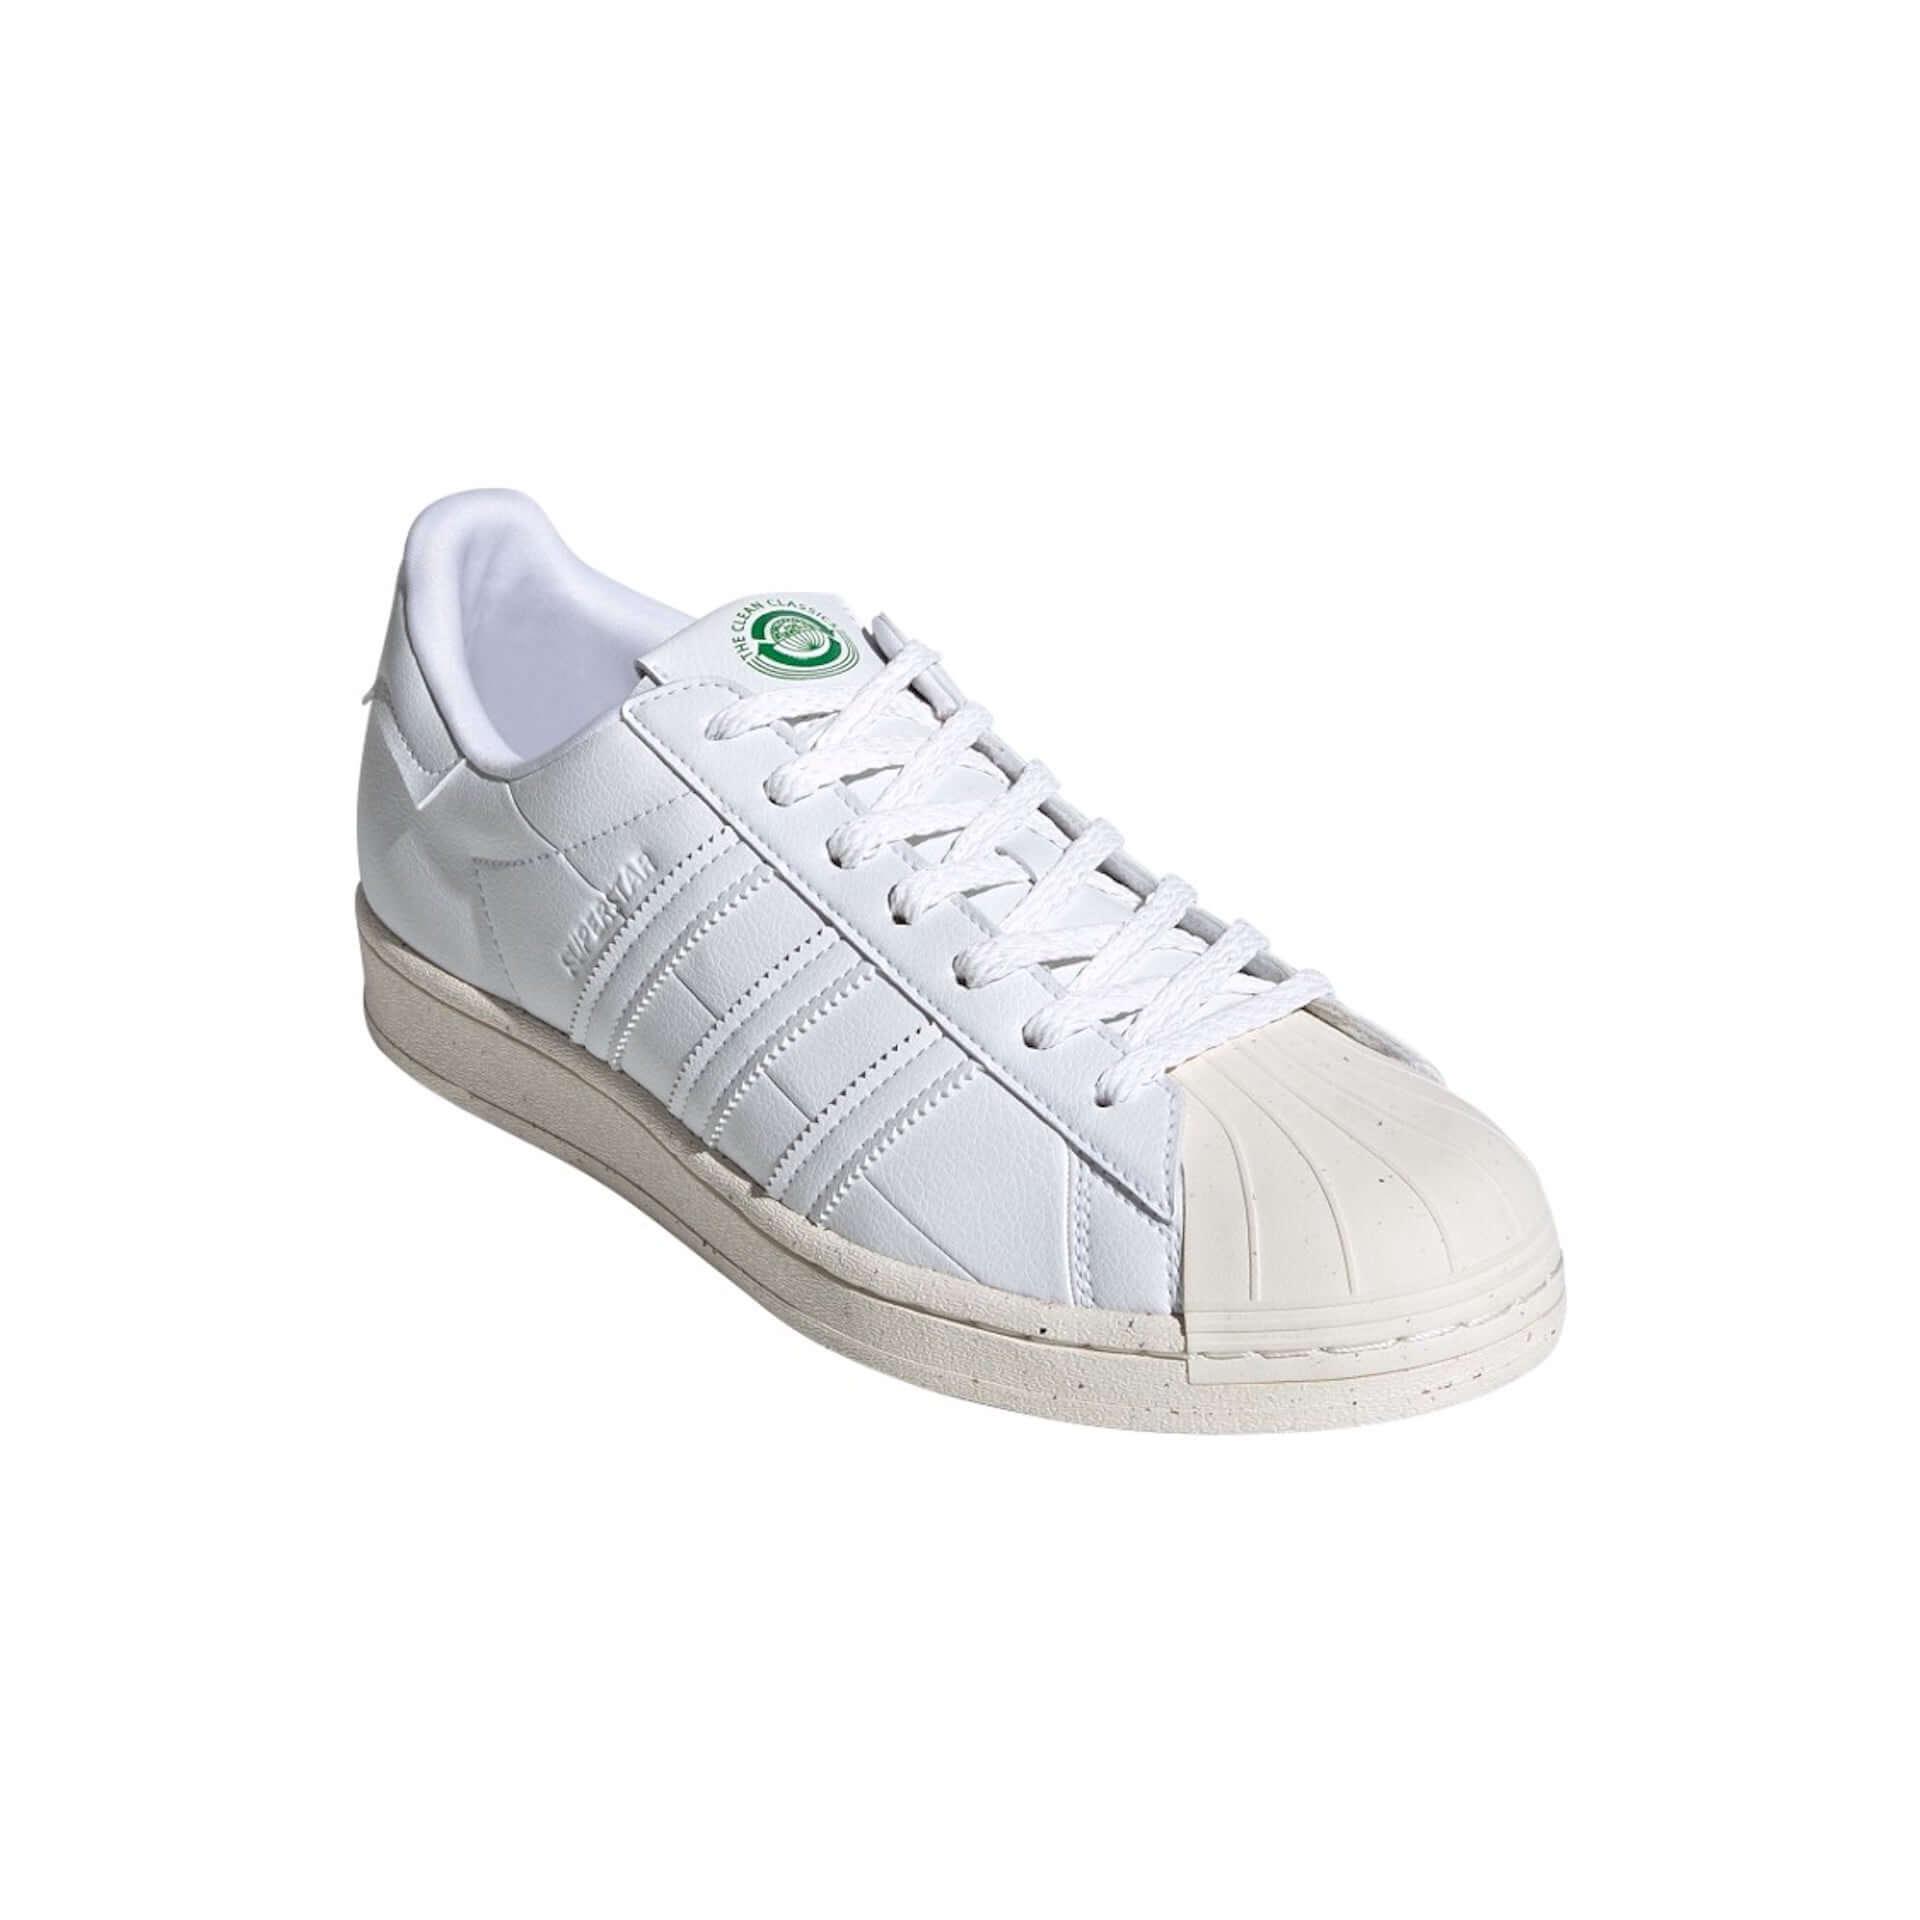 adidas Originalsがサステナブルなフットウェアコレクション「Clean Classics」を発売!名作「SUPERSTAR」「STAN SMITH」も登場 lf200804_adidas-cleanclassics_10-1920x1920